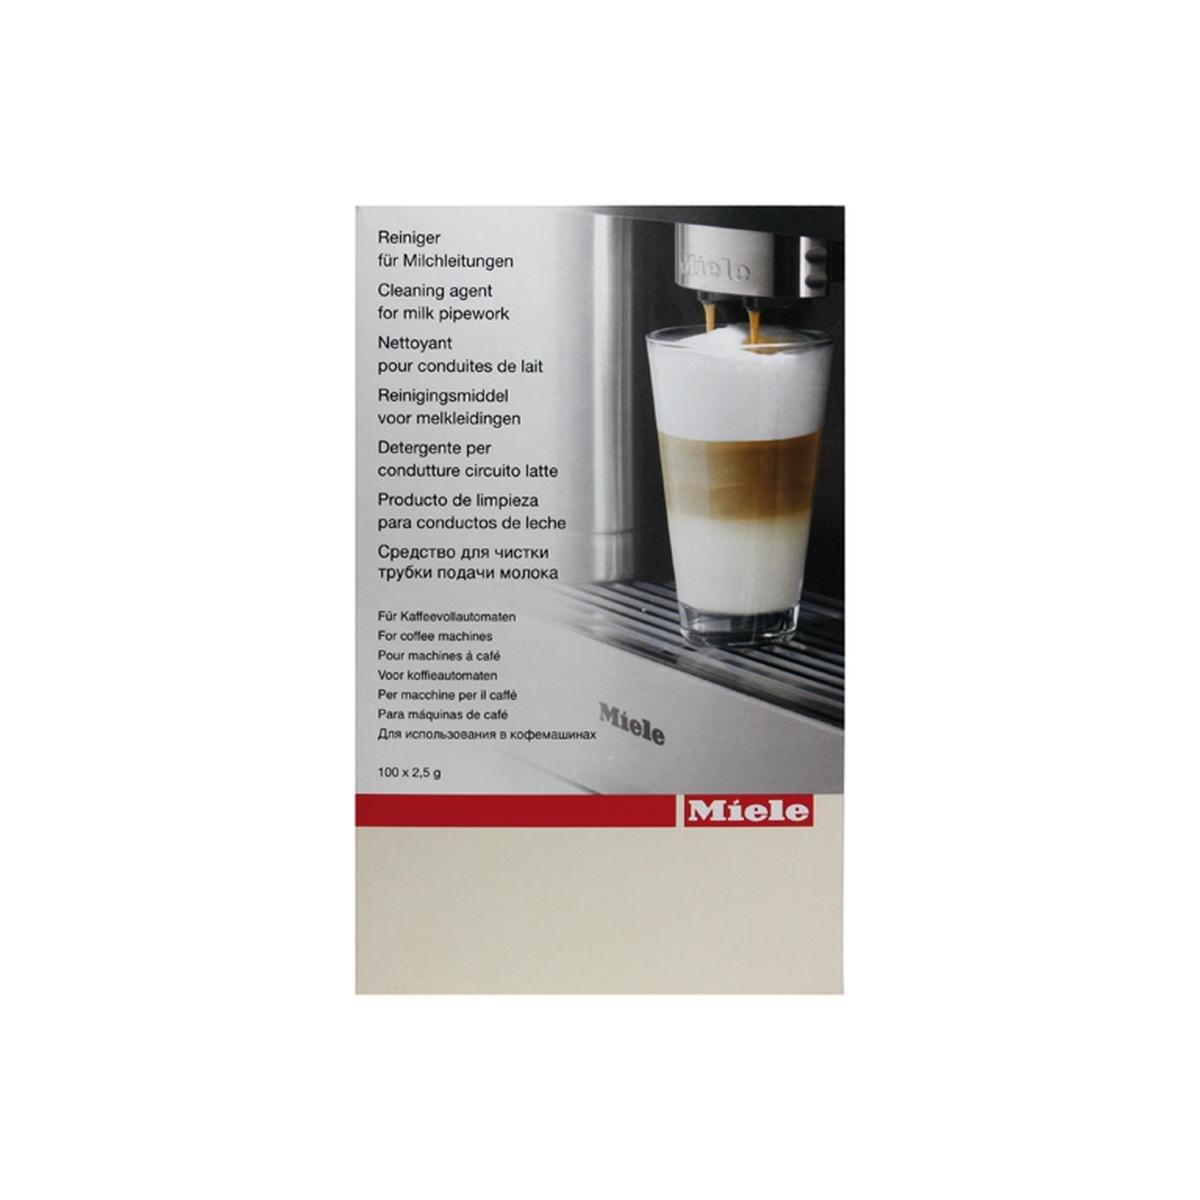 Rengjøringssticks til melkesystem - Miele